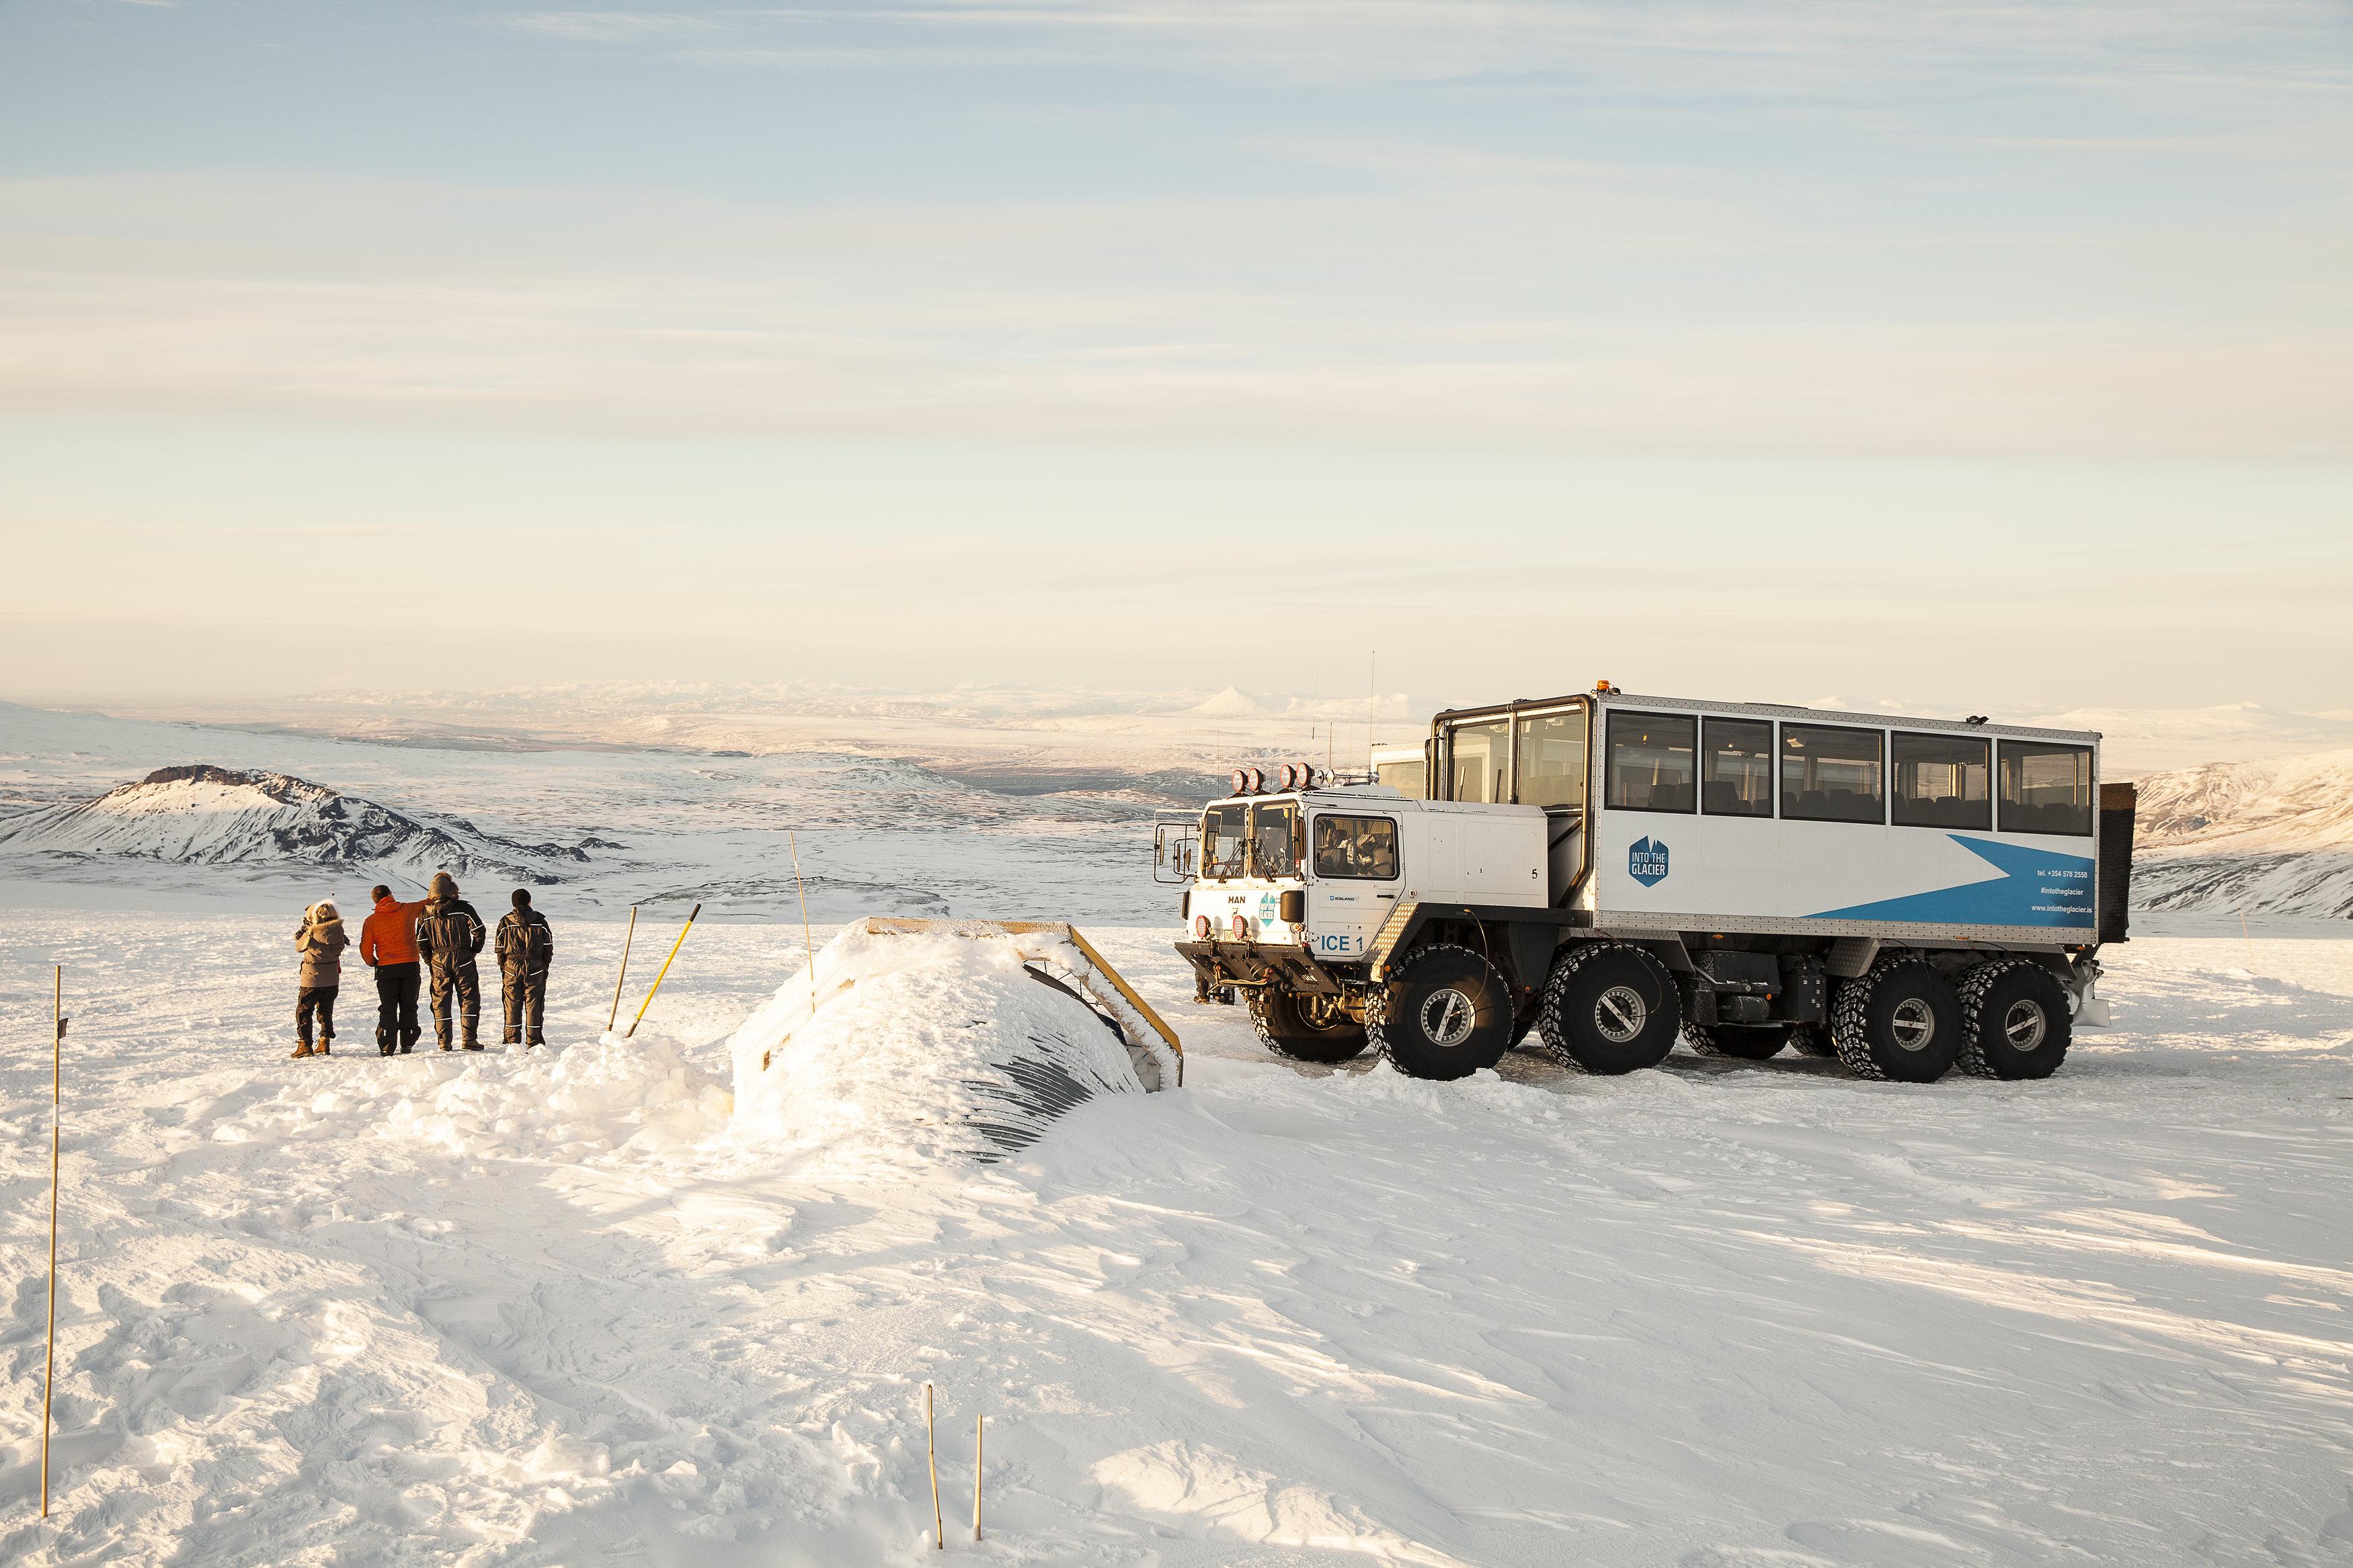 into-the-glacier-abenteuer-ausflug-gletscher